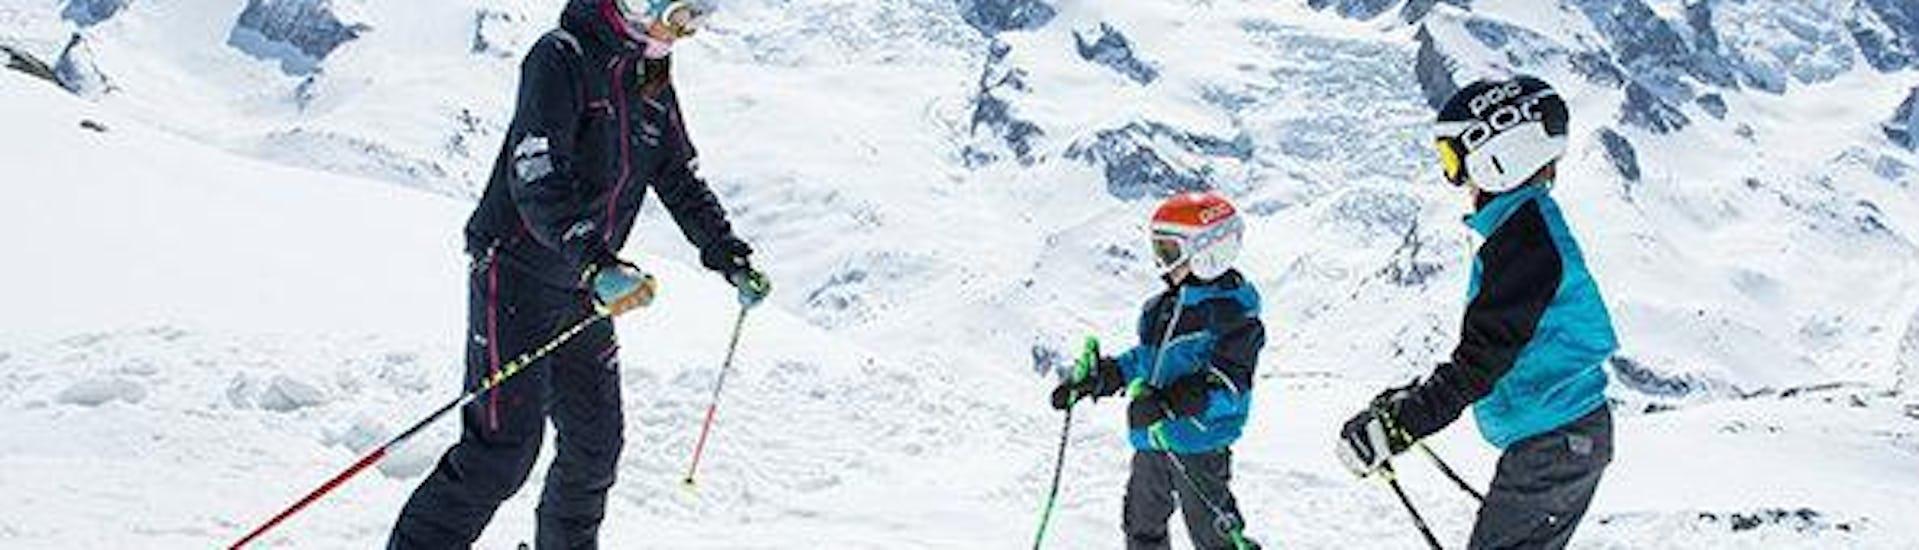 Ski Privatlehrer für Kinder & Teens - Alle Levels